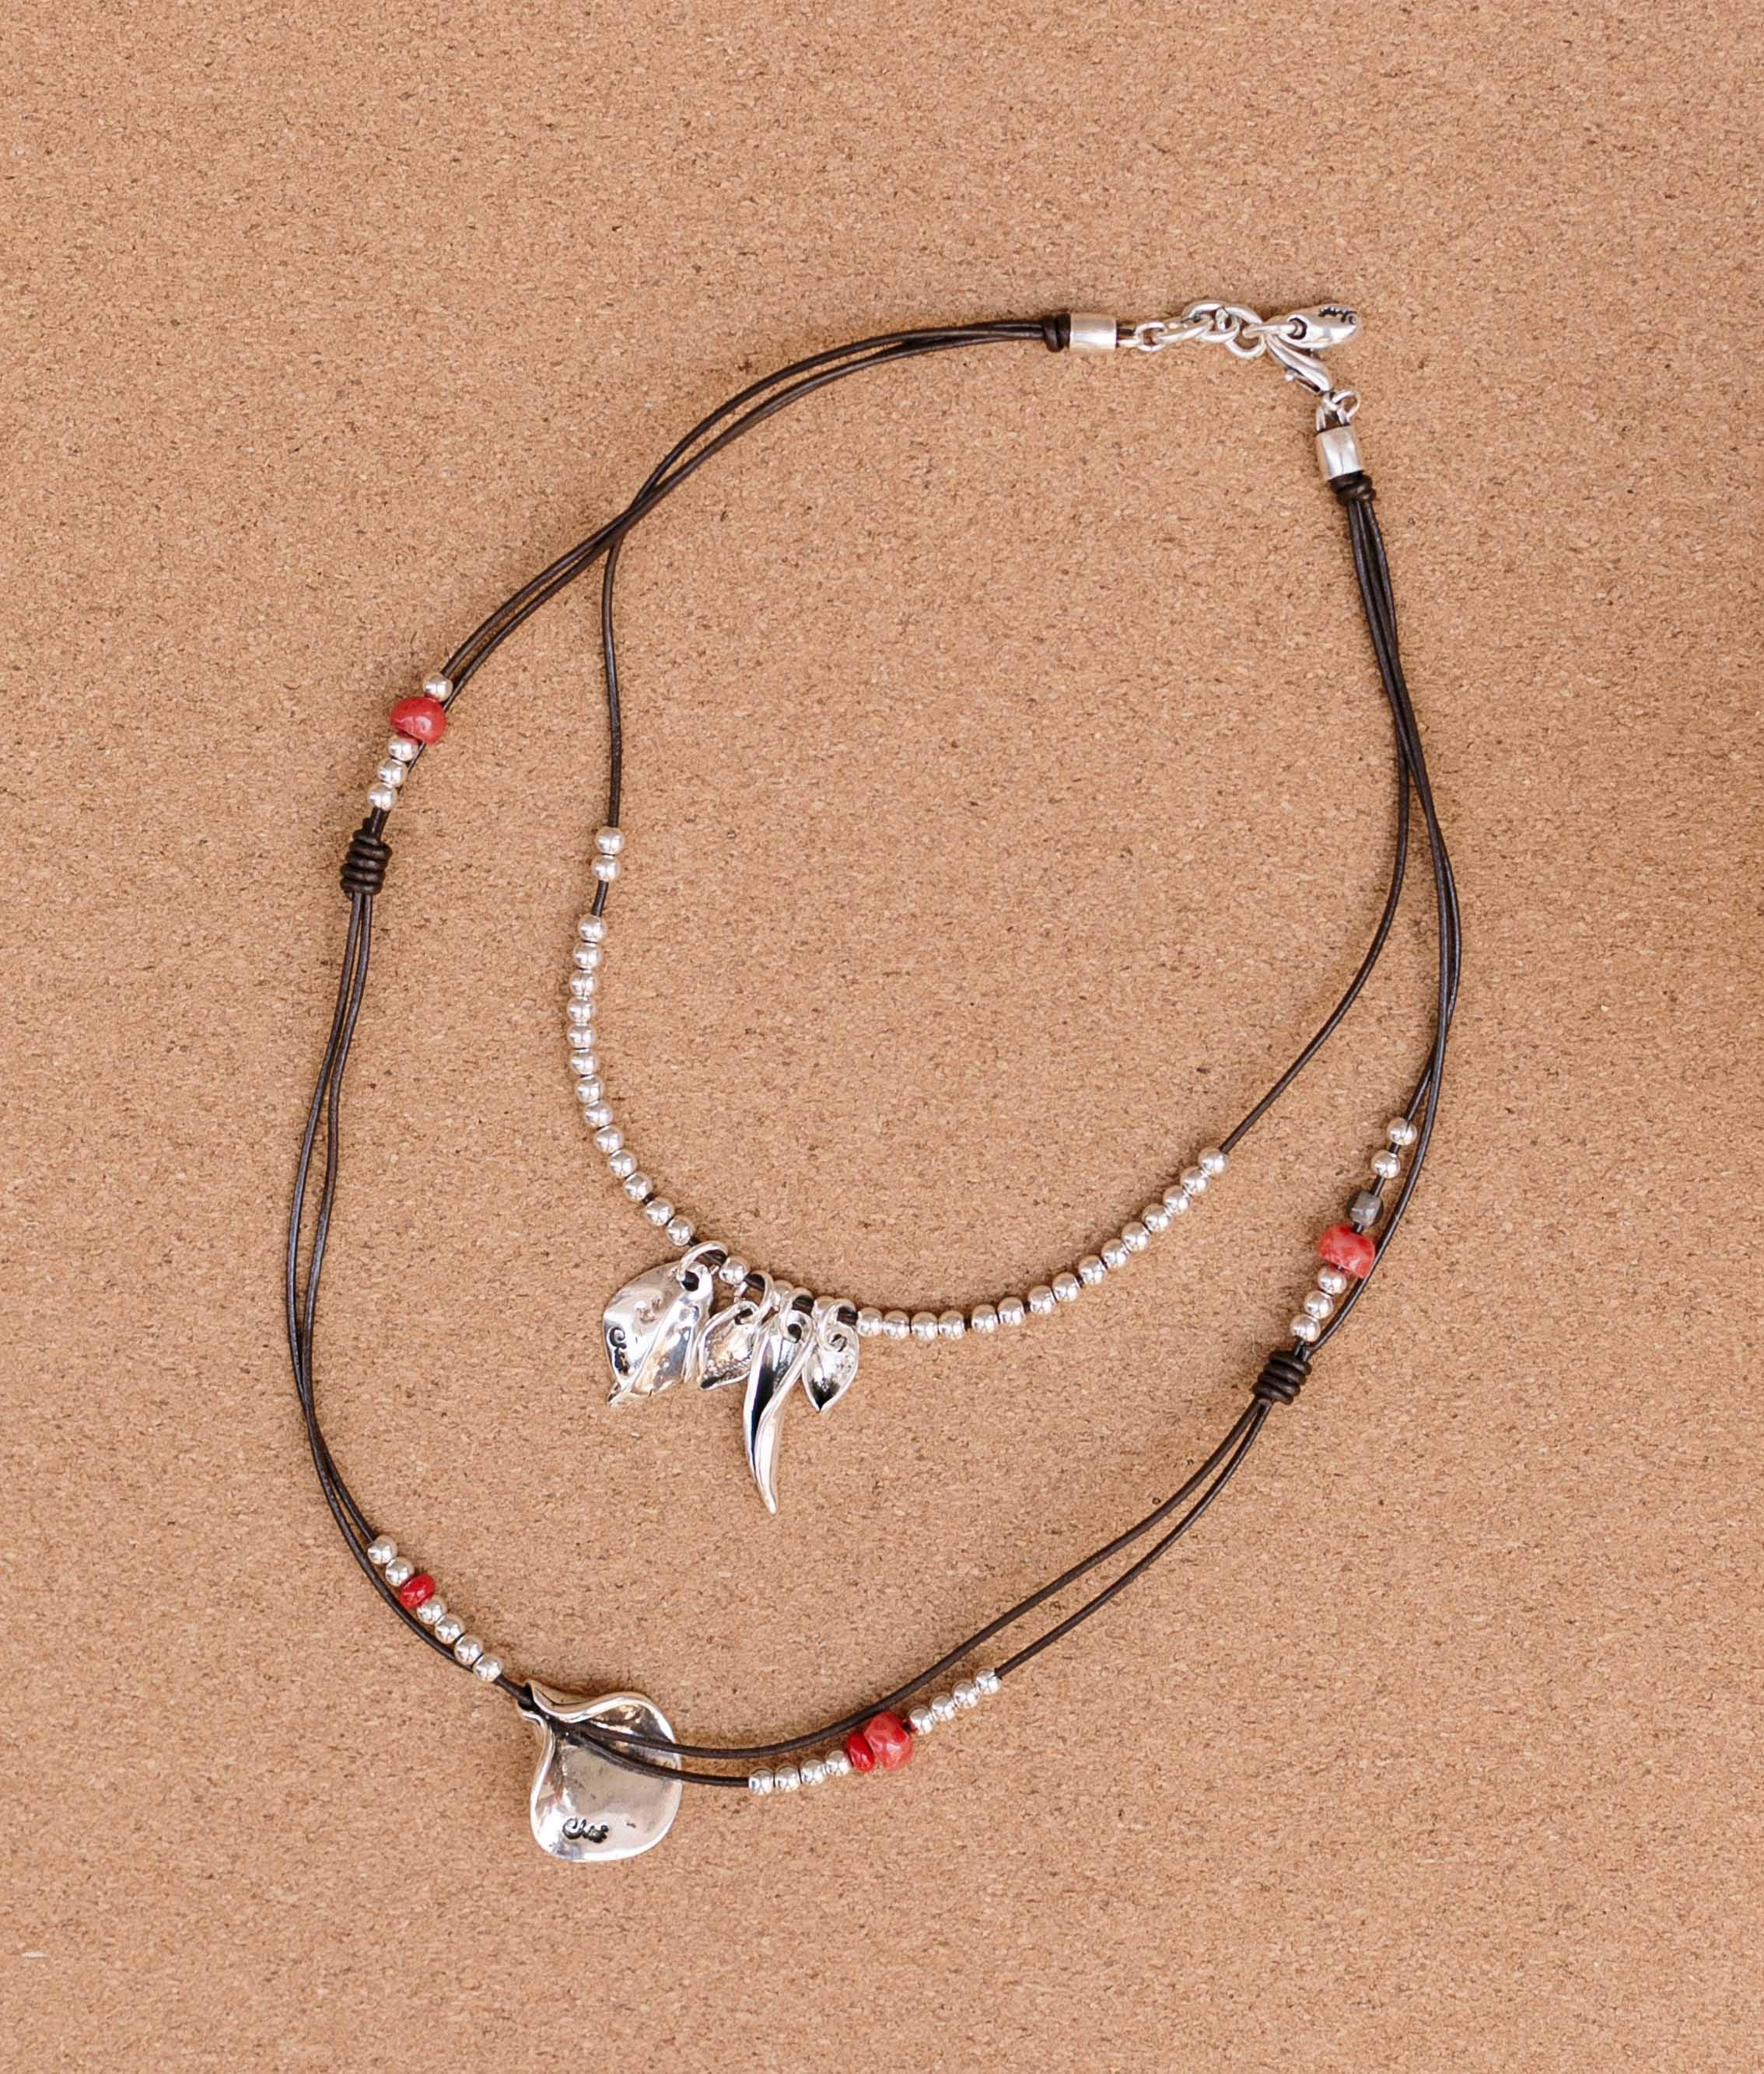 Necklace de Flor en Flor - Red